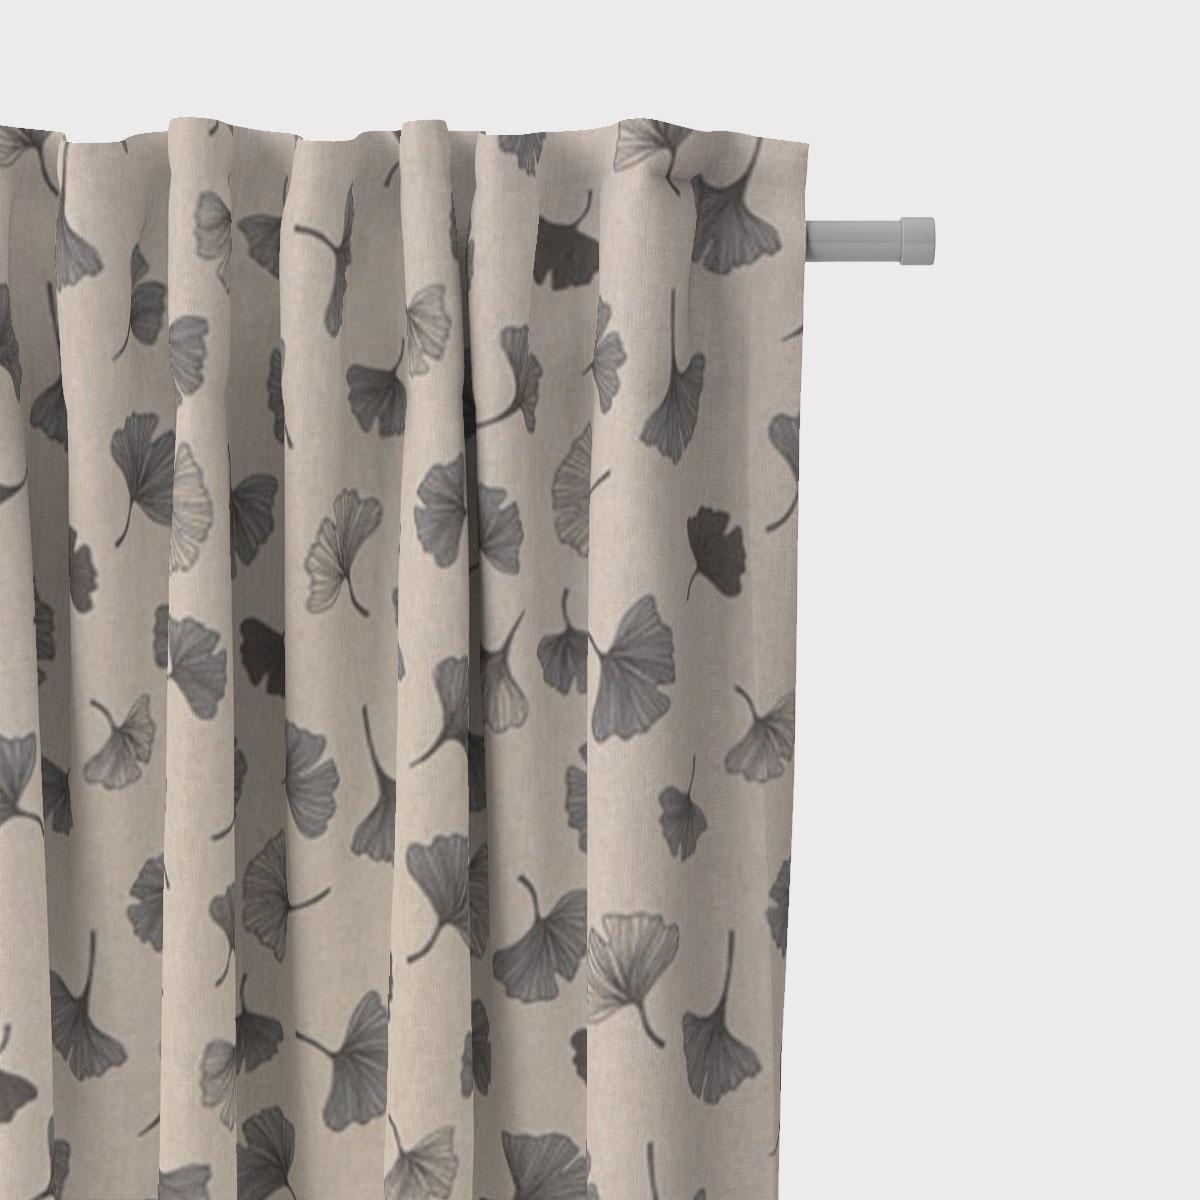 SCHÖNER LEBEN. Vorhang Leinenlook Ginko Leaf Ginkgo Blatt natur grau 245cm oder Wunschlänge